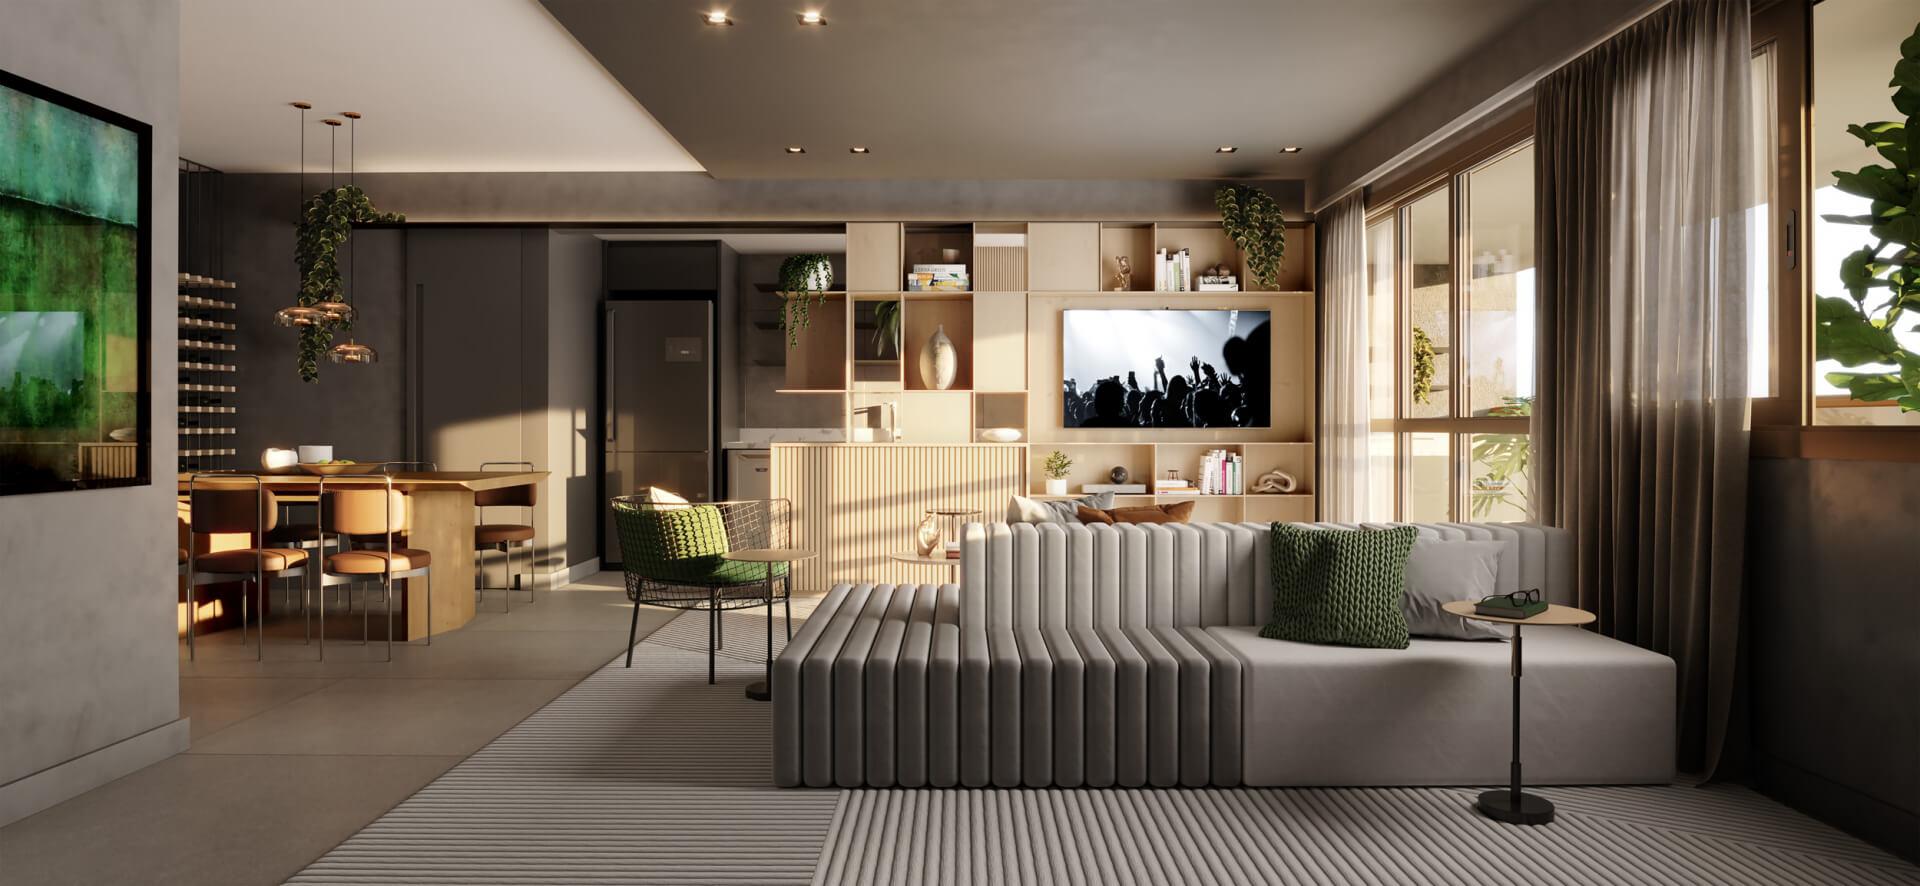 SALA com de configuração ampliada criando um confortável ambiente de estar e jantar totalmente conectados. Essa sugestão de layout pode ser adquirida através do serviço de personalização, assim você pode escolher de acordo com suas necessidades.